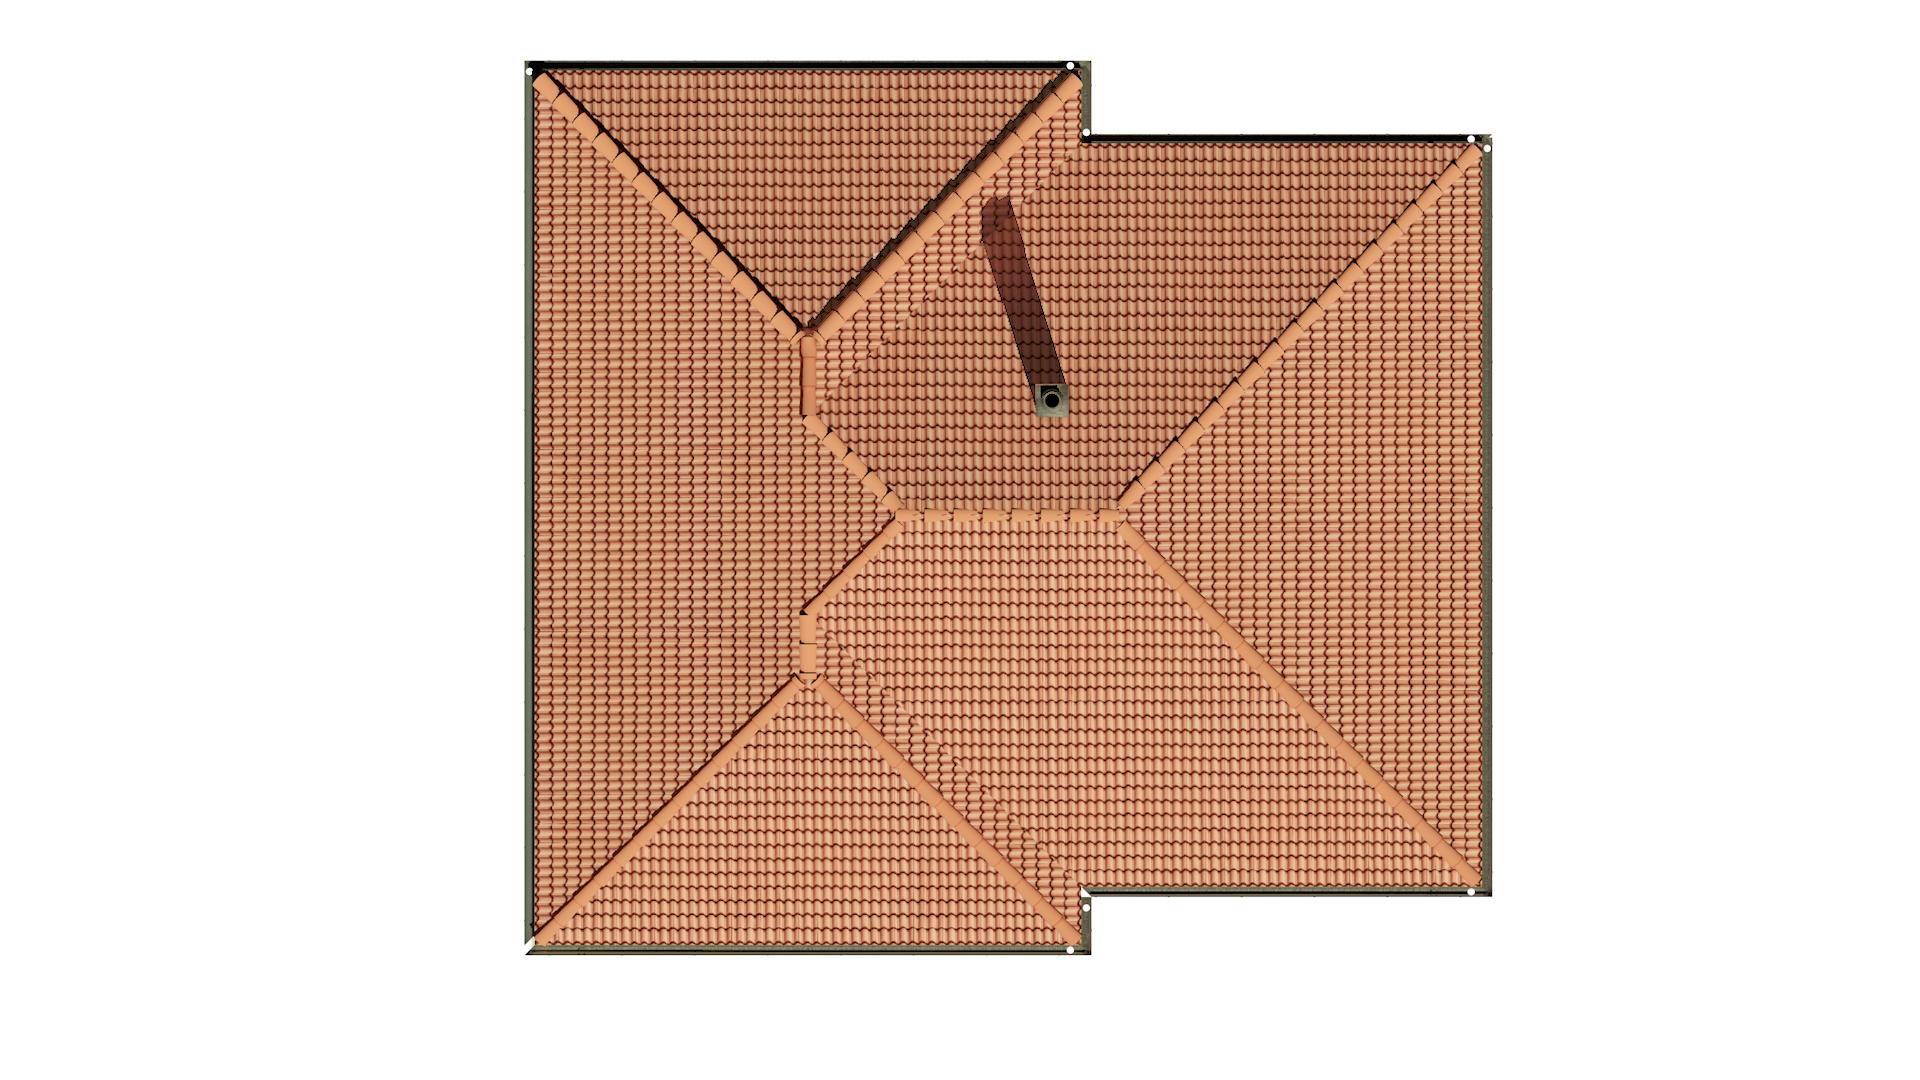 strecha01